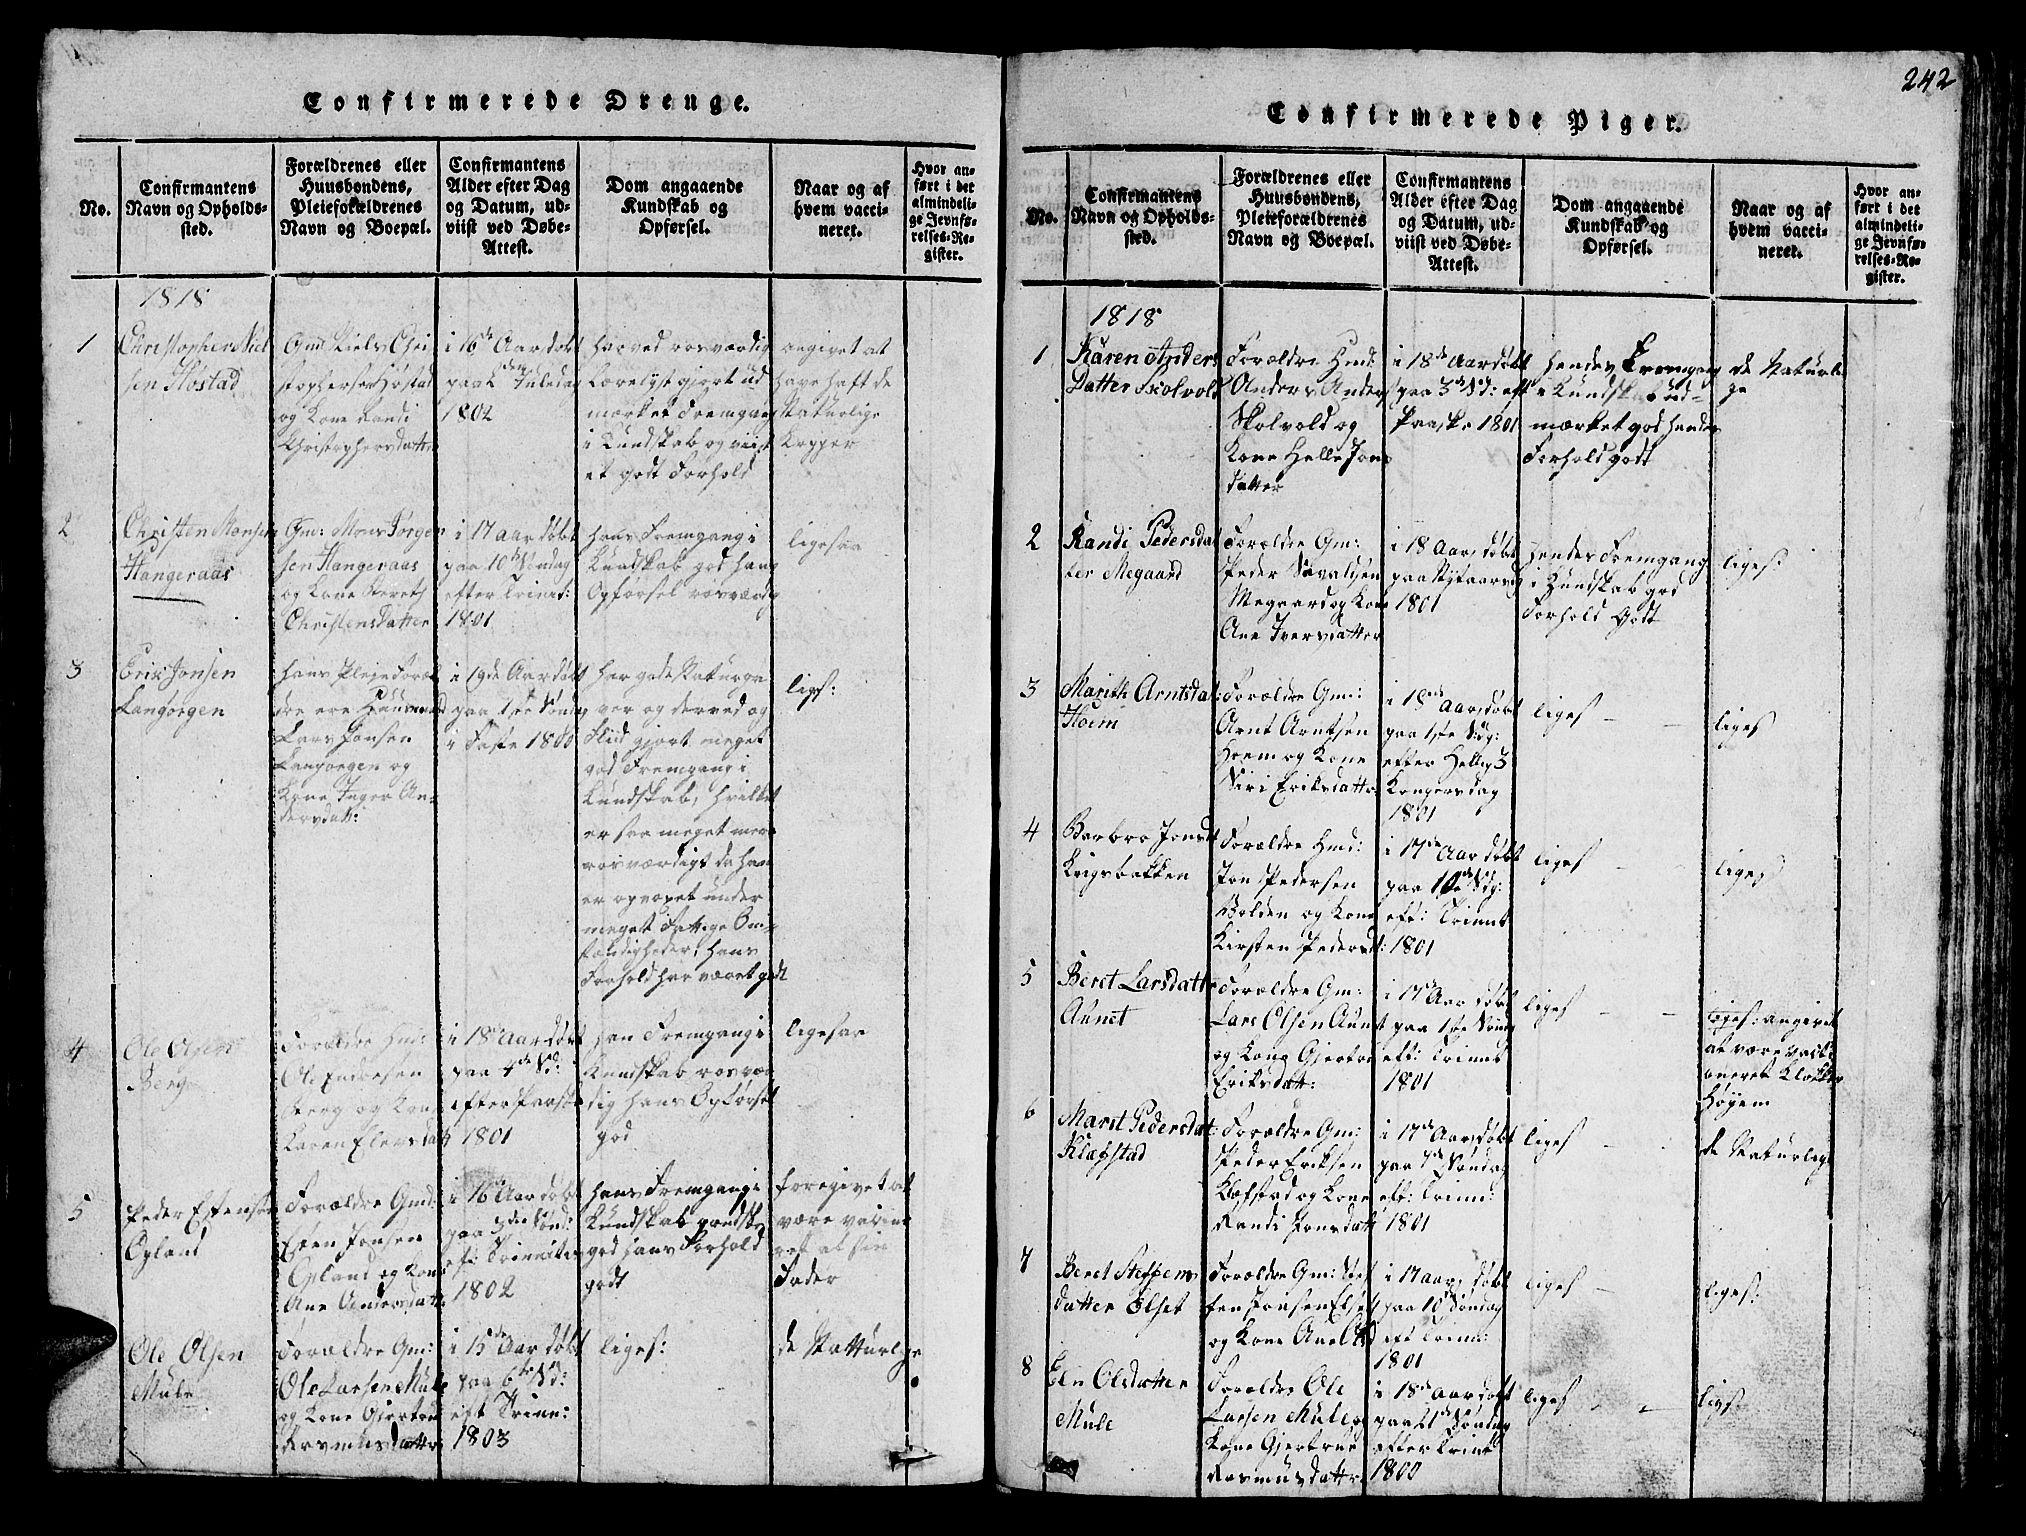 SAT, Ministerialprotokoller, klokkerbøker og fødselsregistre - Sør-Trøndelag, 612/L0385: Klokkerbok nr. 612C01, 1816-1845, s. 242